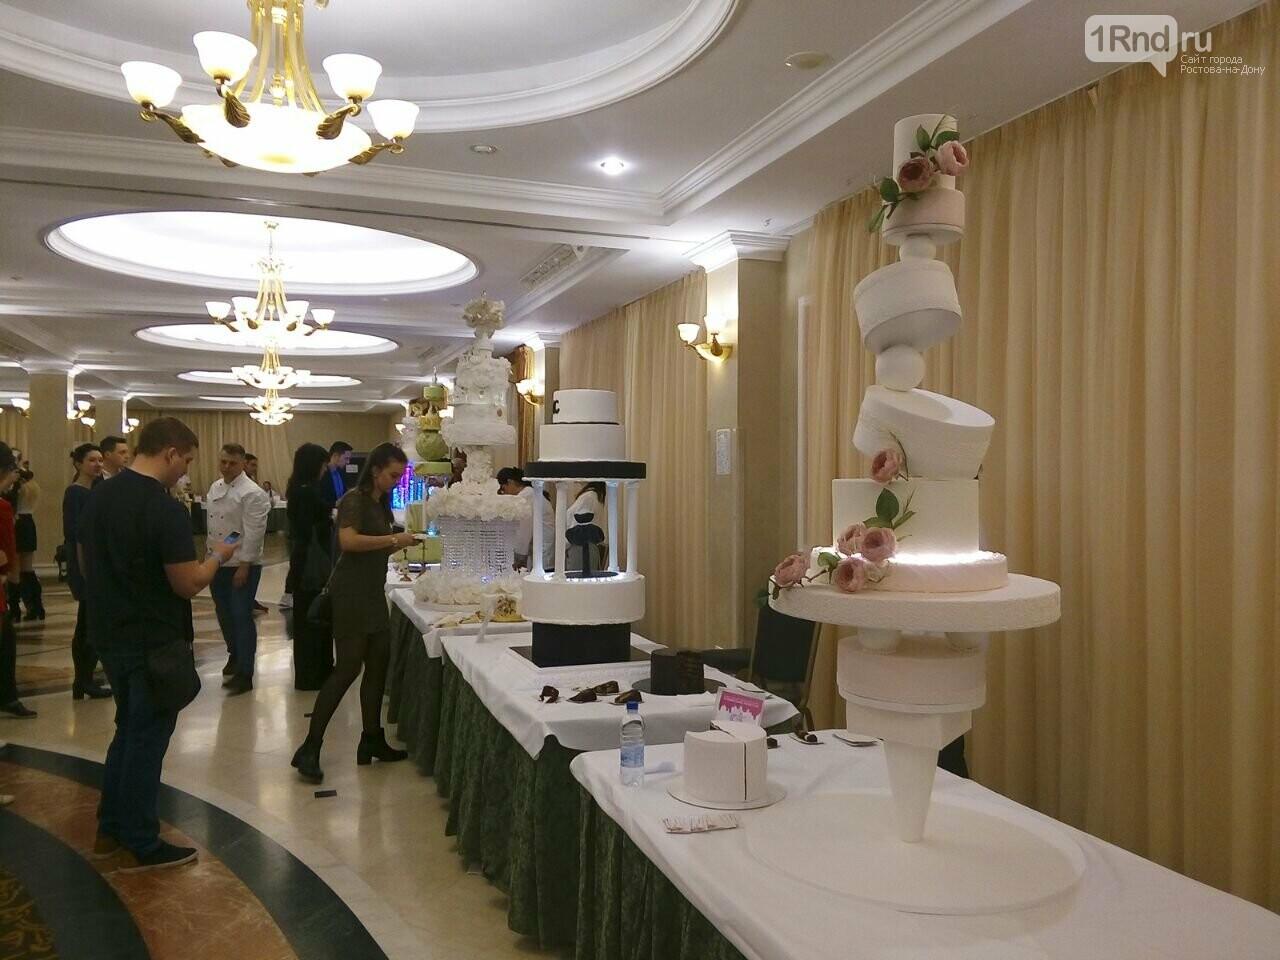 В Ростове проходит международный кондитерский конкурс International pastry cup, фото-3